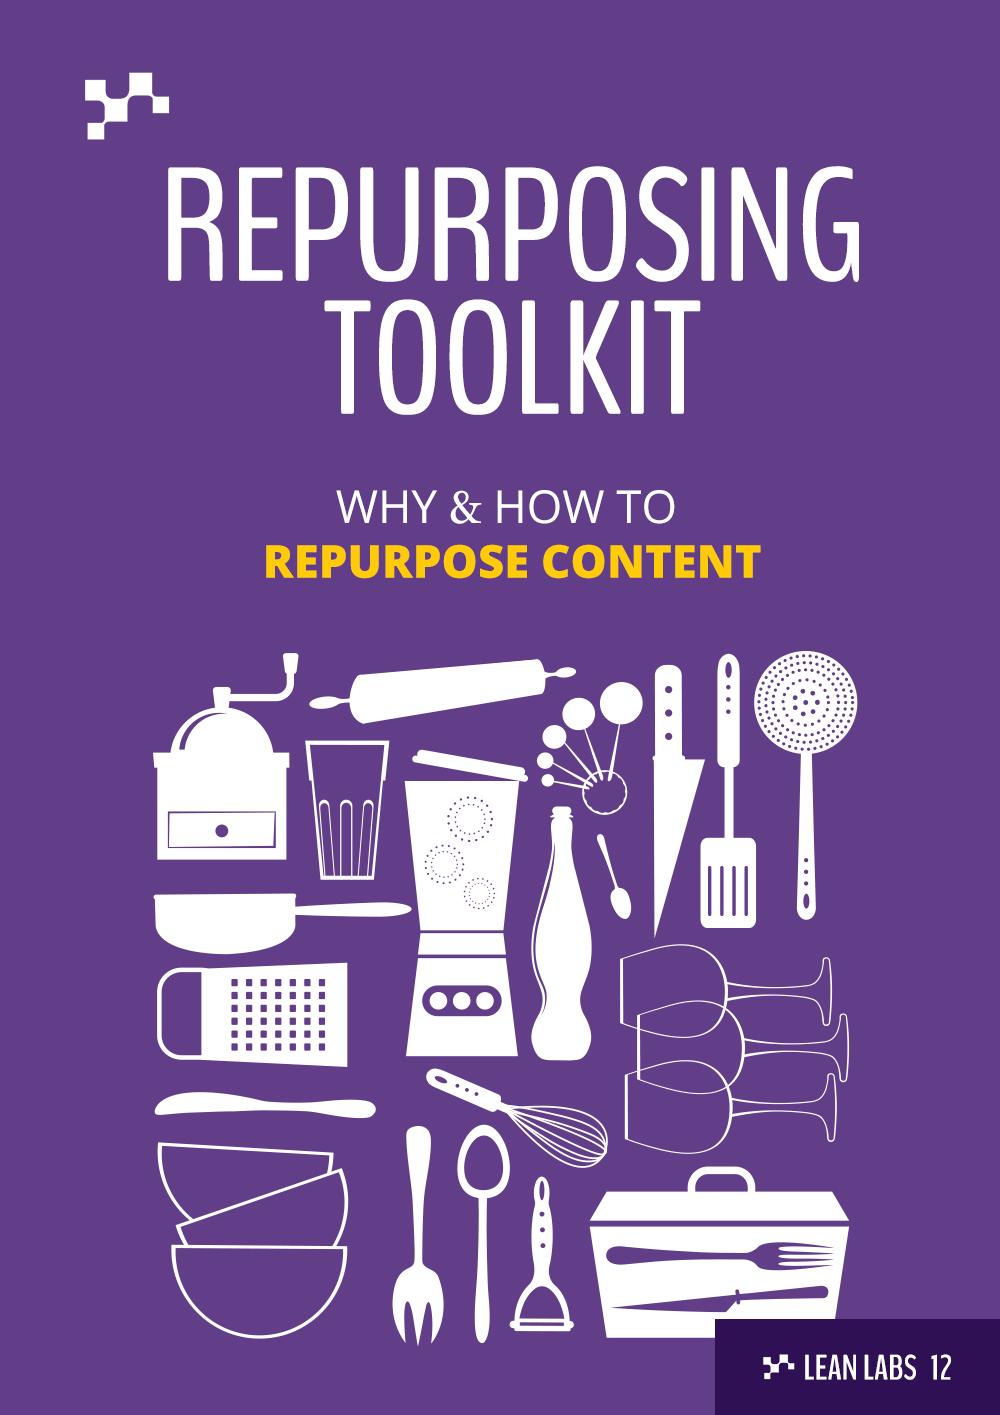 Repurposing Toolkit